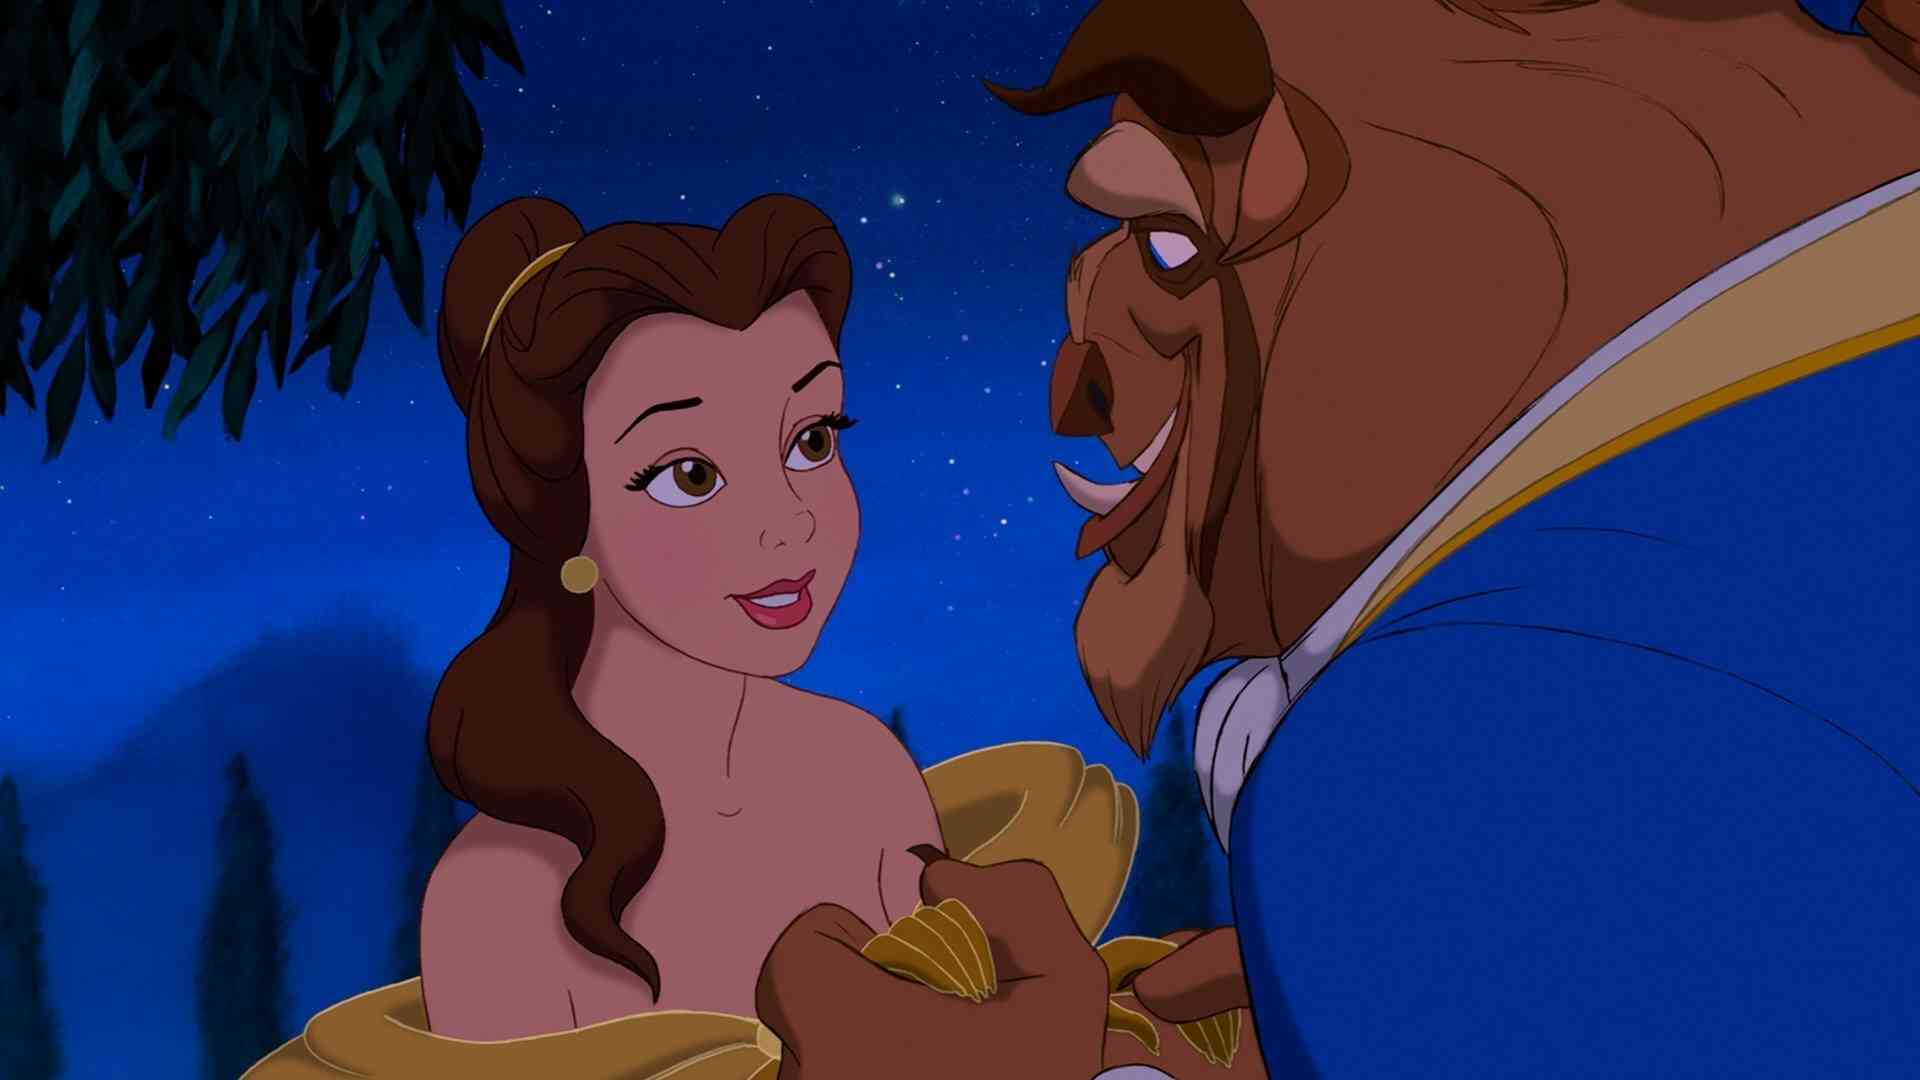 Filme A Bela e a Fera, da Walt Disney Studios